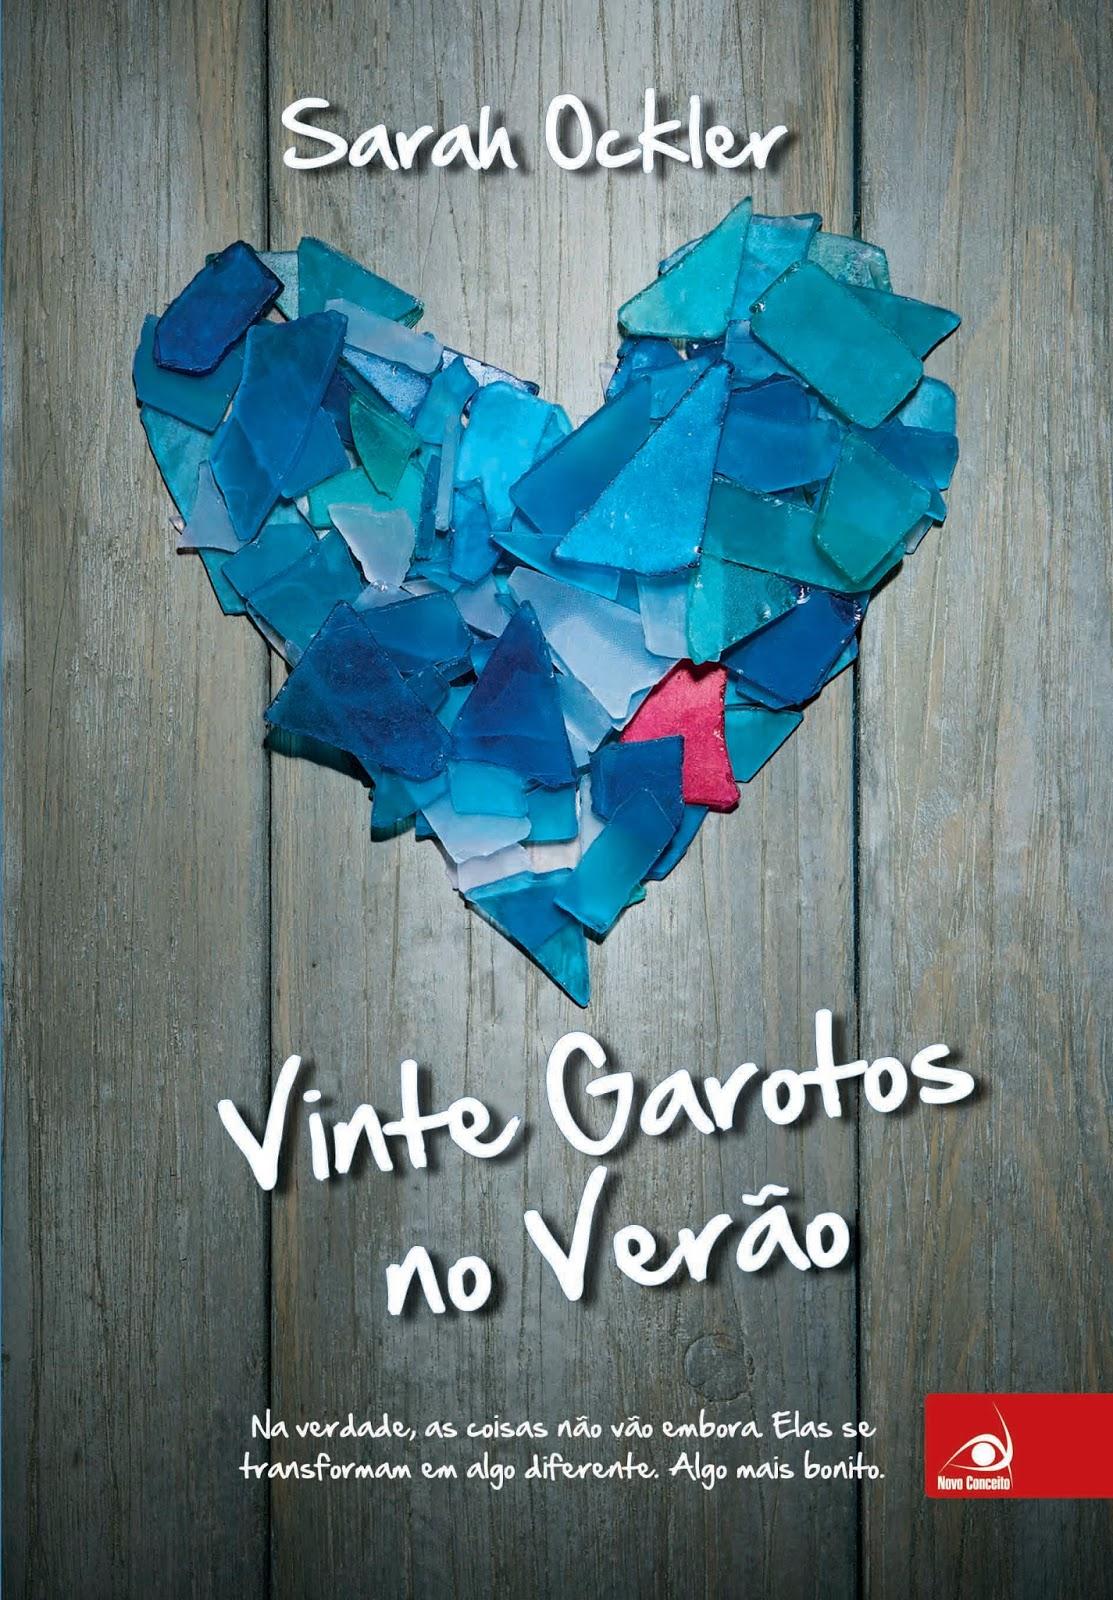 http://conjuntodaobra.blogspot.com.br/2014/05/vinte-garotos-no-verao-sarah-ockler.html